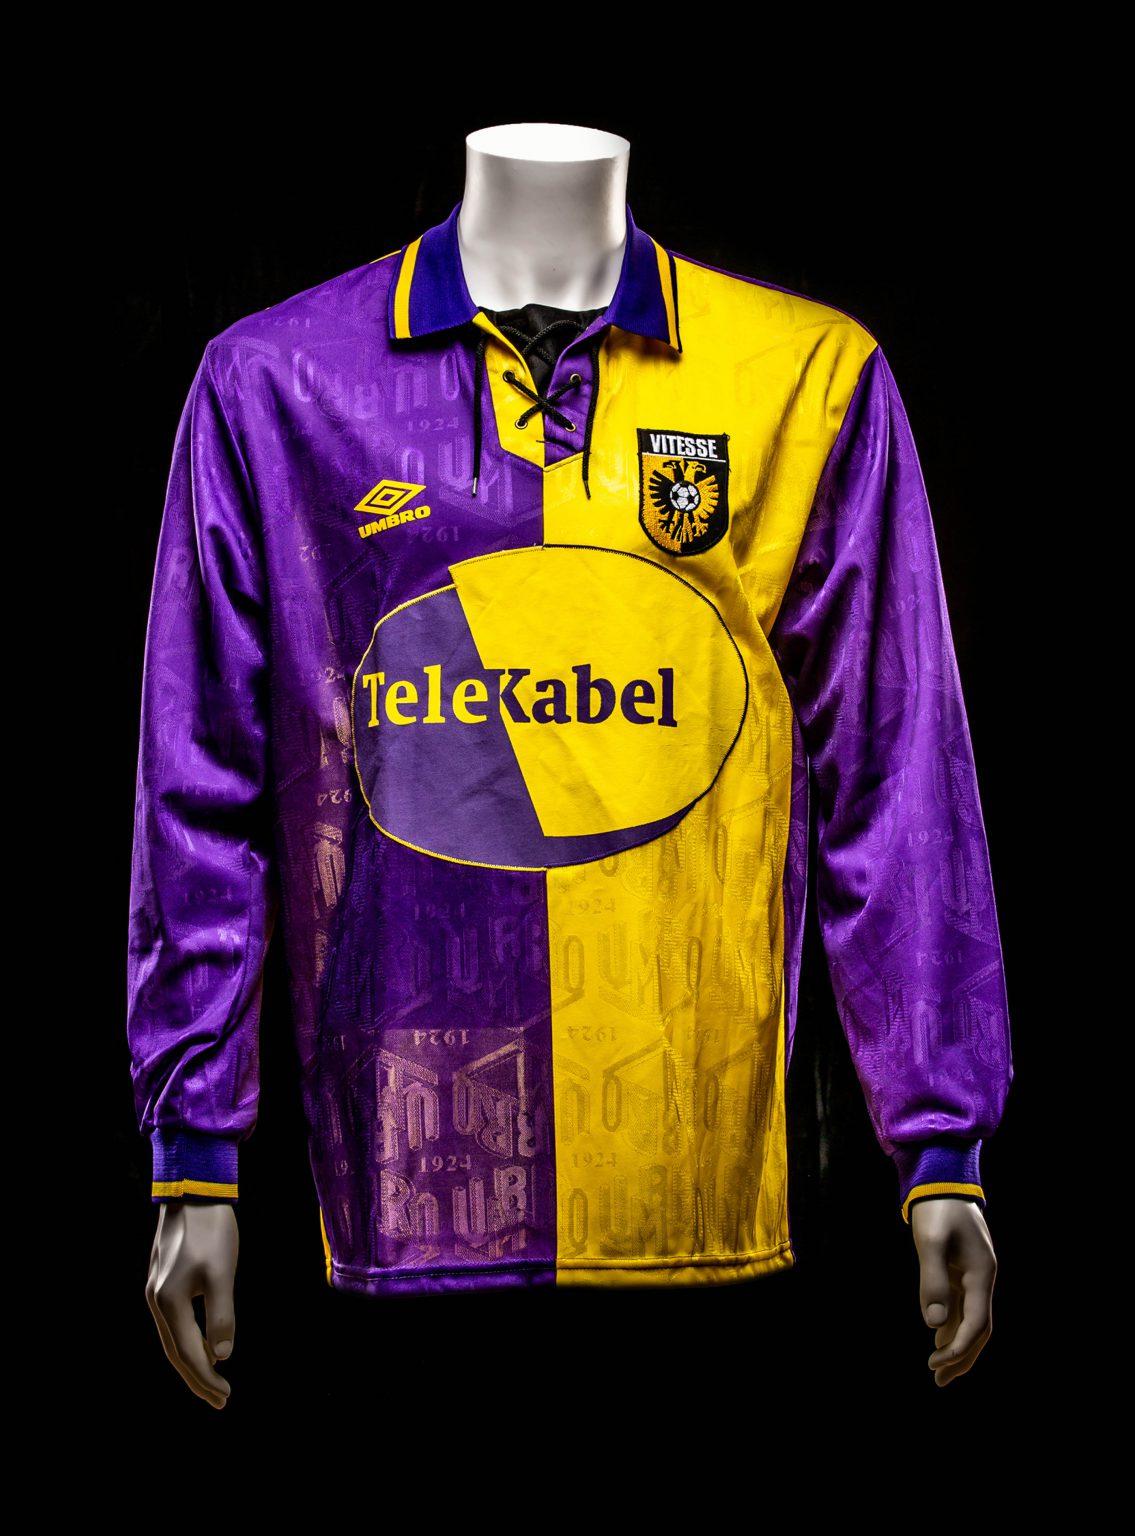 #Telekabel Vitesse 1994-1997